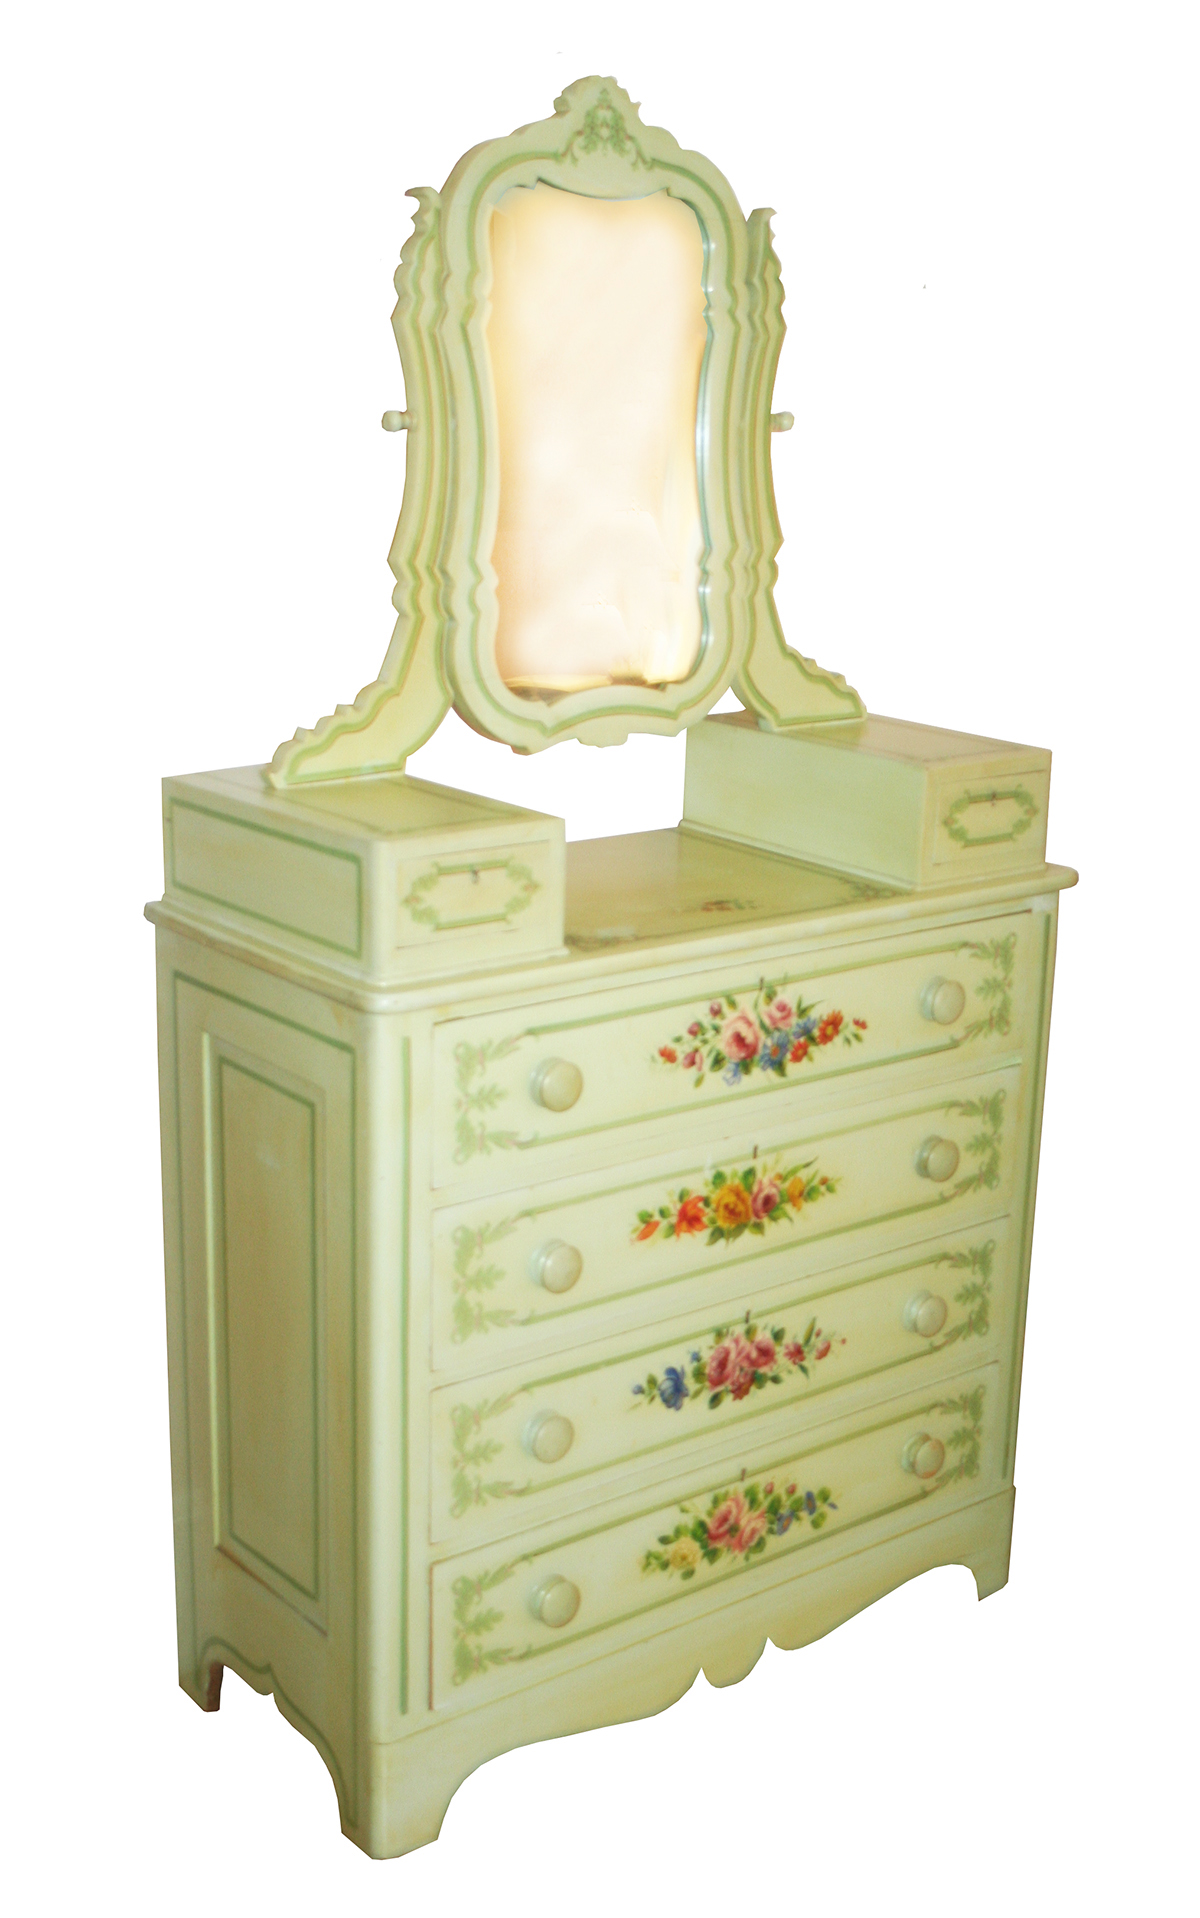 painted cottage bedroom set item 914500dd for sale classifieds. Black Bedroom Furniture Sets. Home Design Ideas